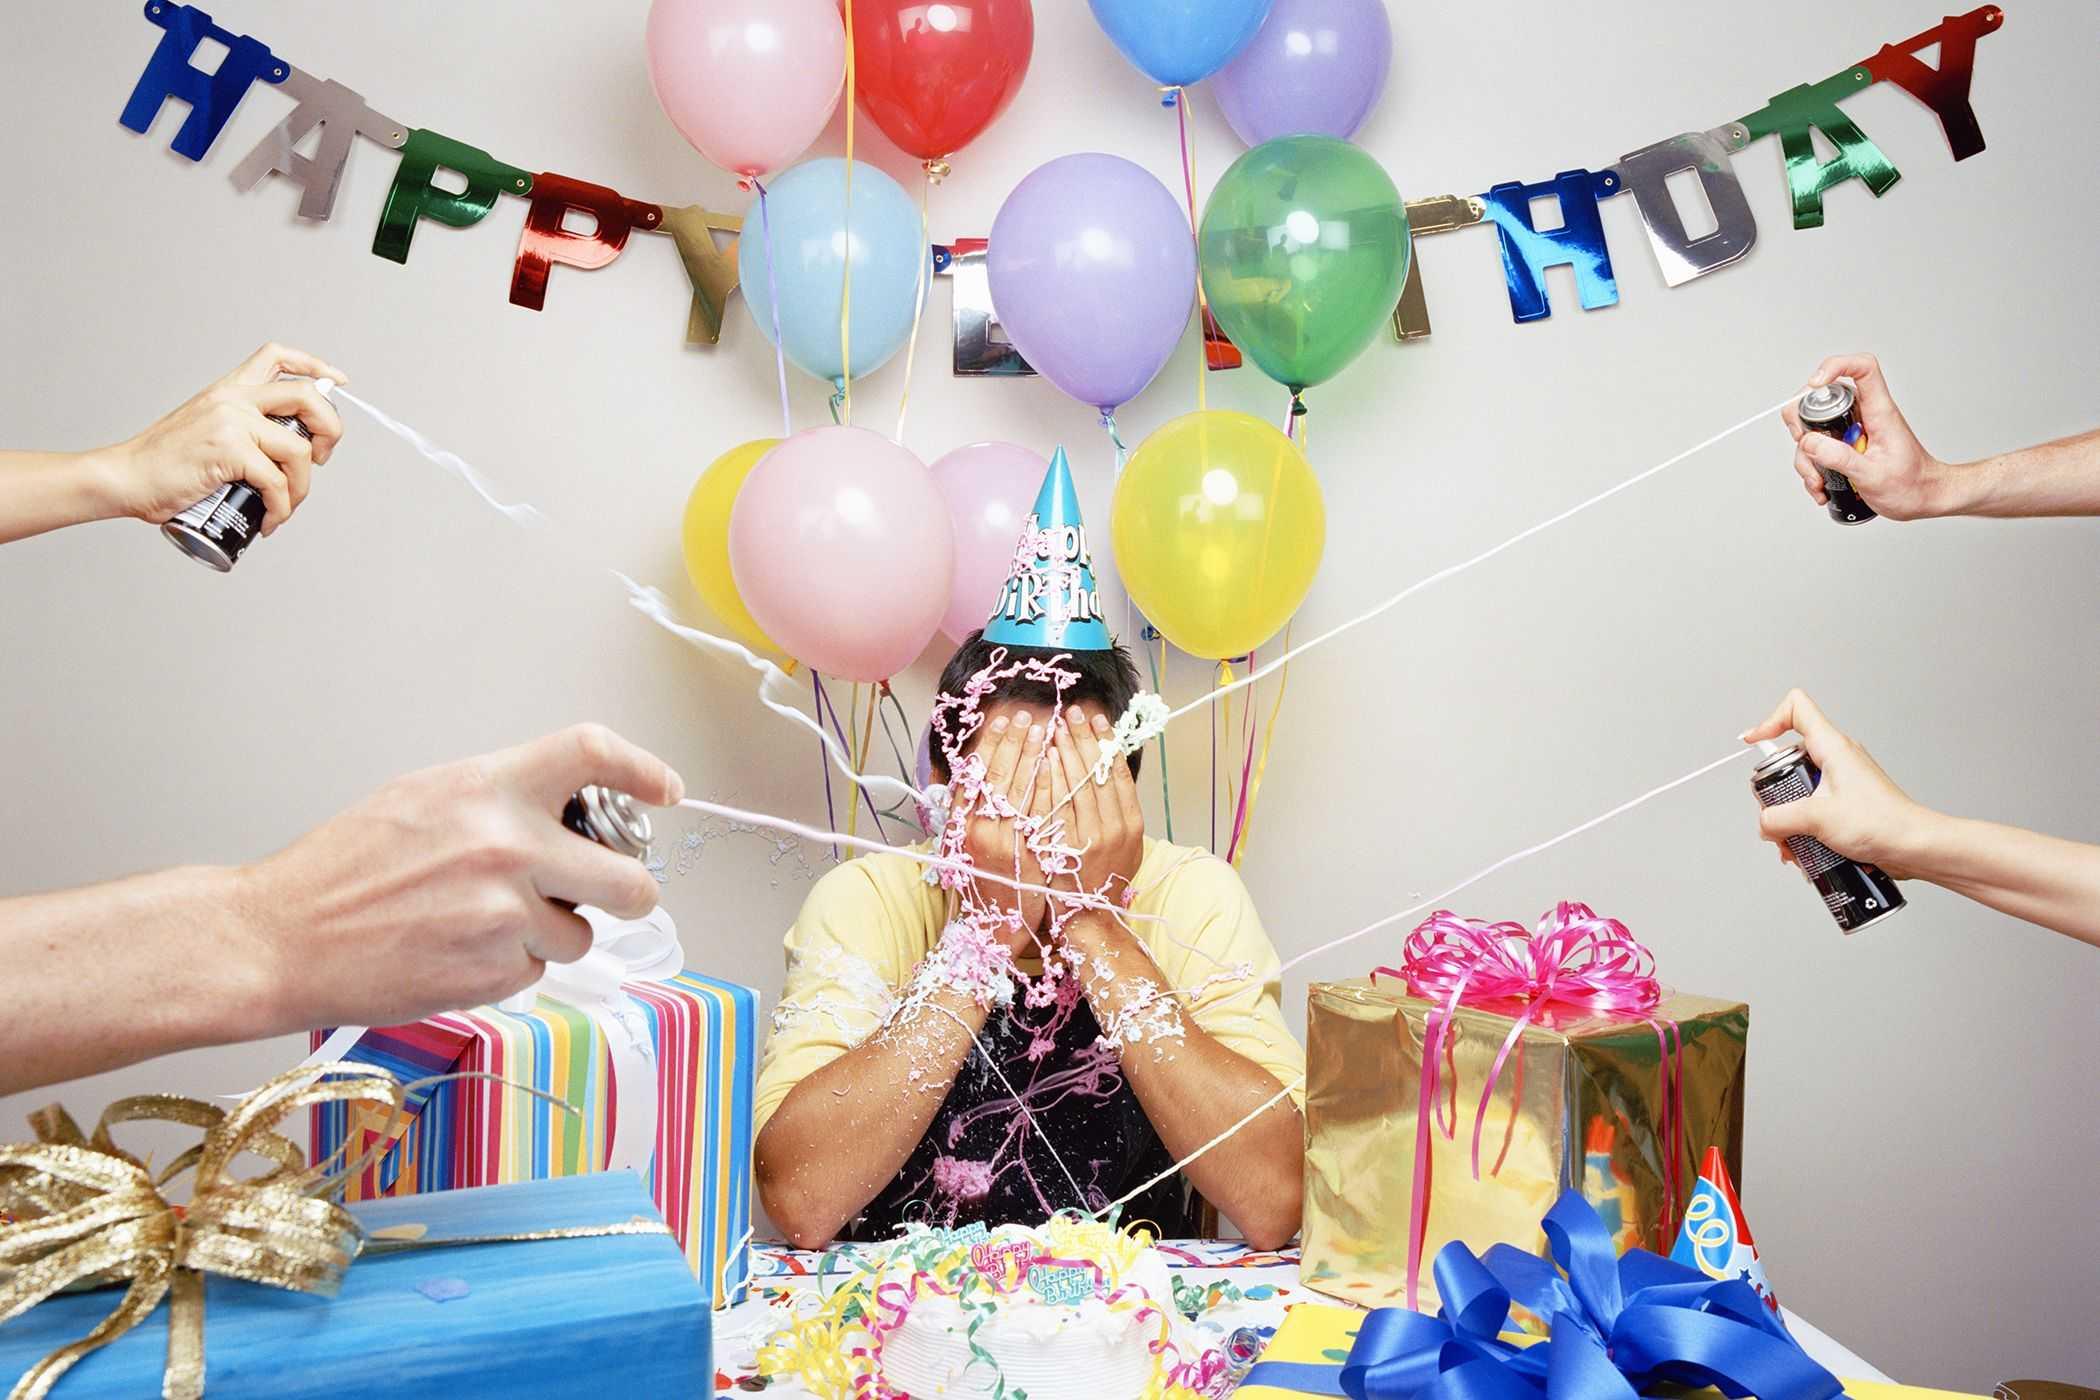 Что подарить мальчику на 9 лет:  300+ идей для подарка